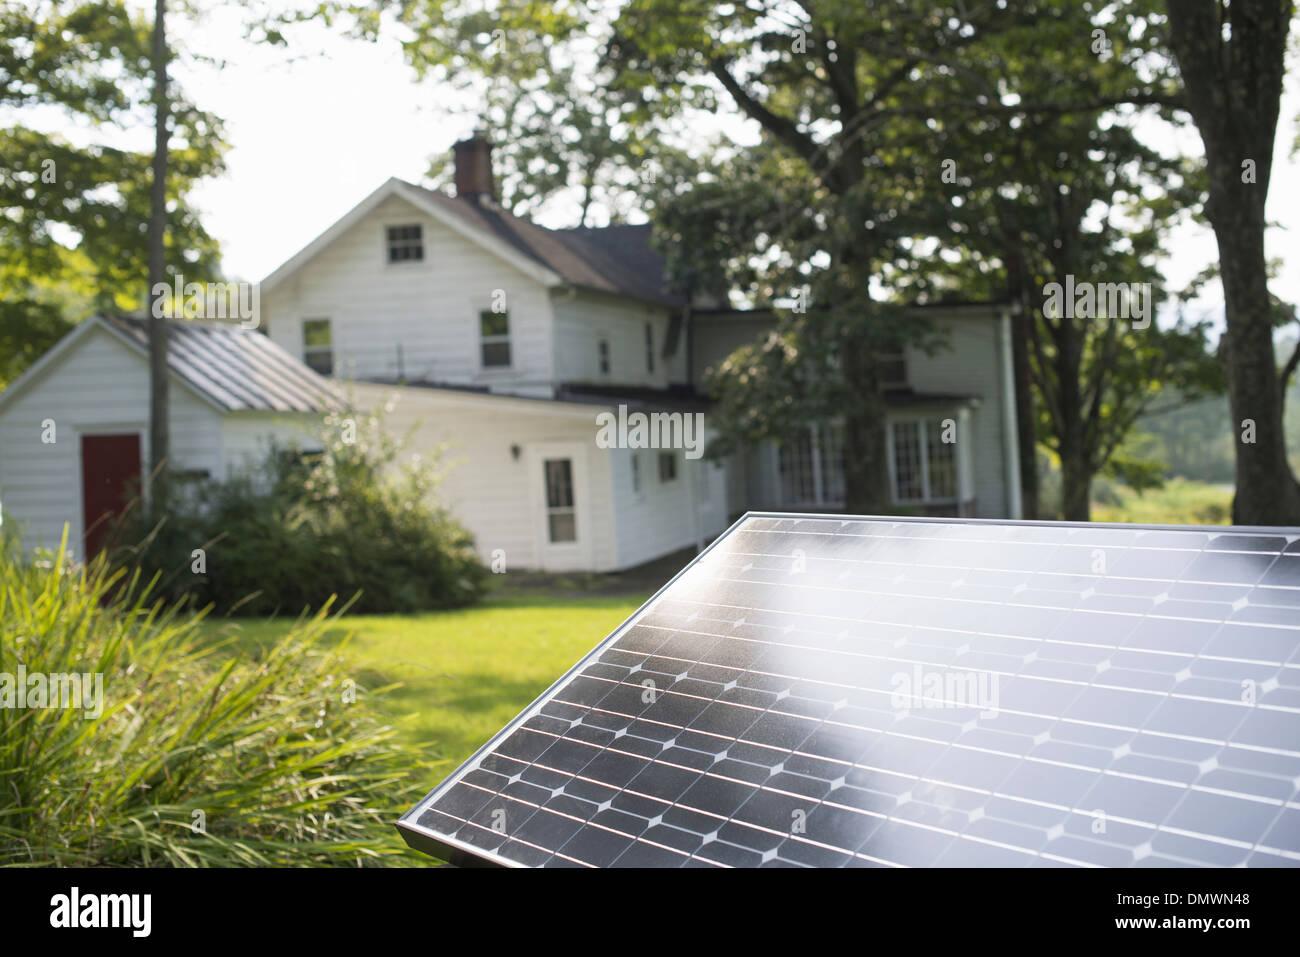 Ein Solar-Panel in einem Bauerngarten. Stockbild